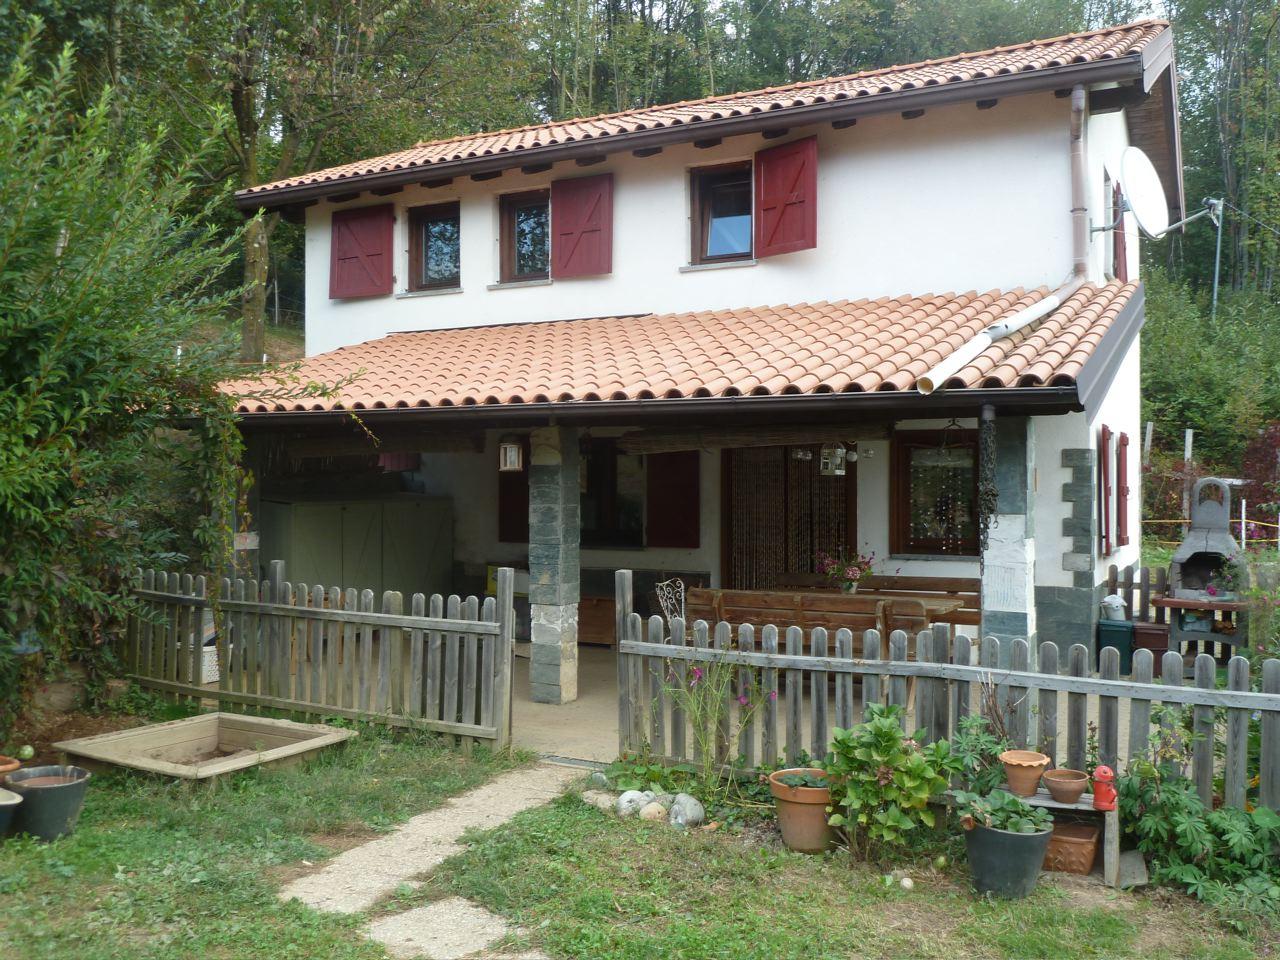 Case di campagna con portico design casa creativa e for Piani casa di campagna con avvolgente portico